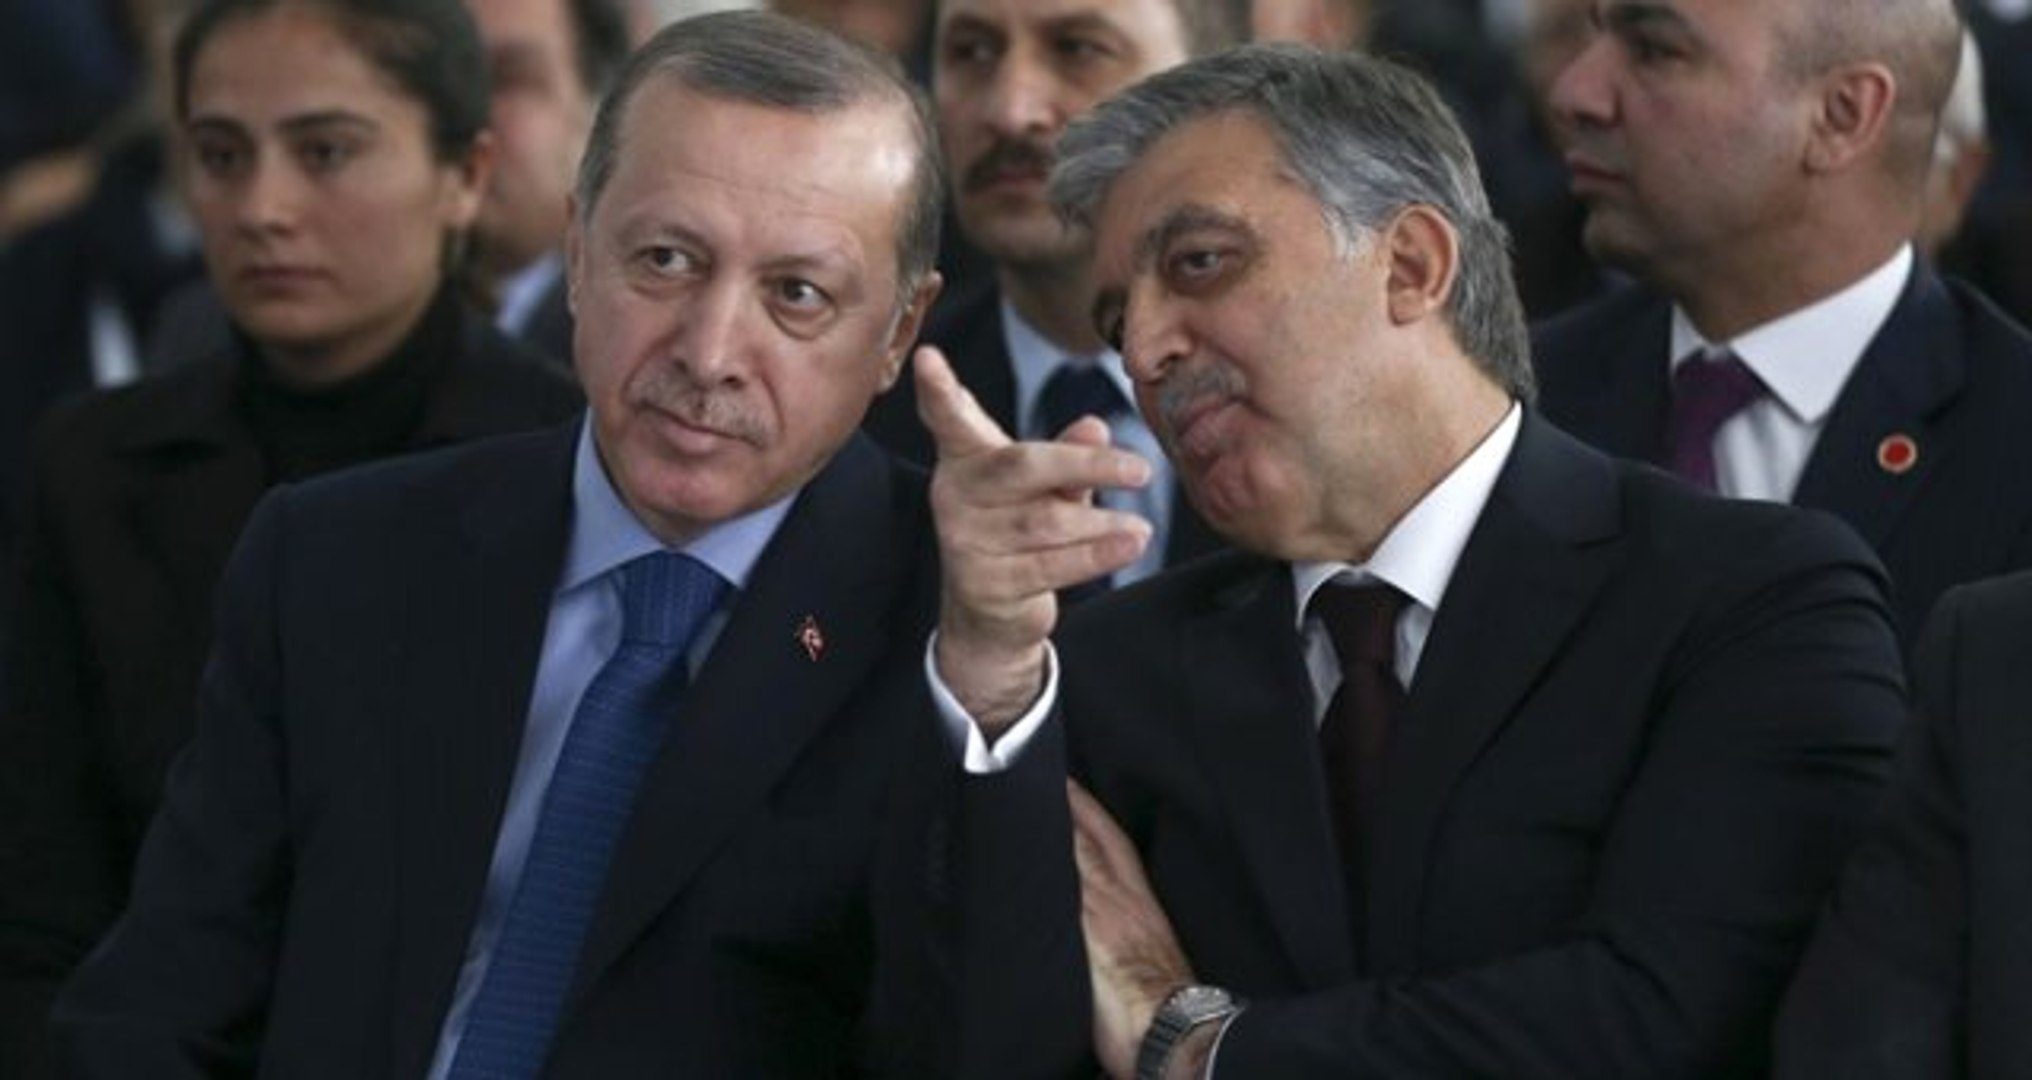 Bülent Arınç, Erdoğan'a Yaptığı Teklifi Açıkladı: Gül'e, Davutoğlu'na, Babacan'a